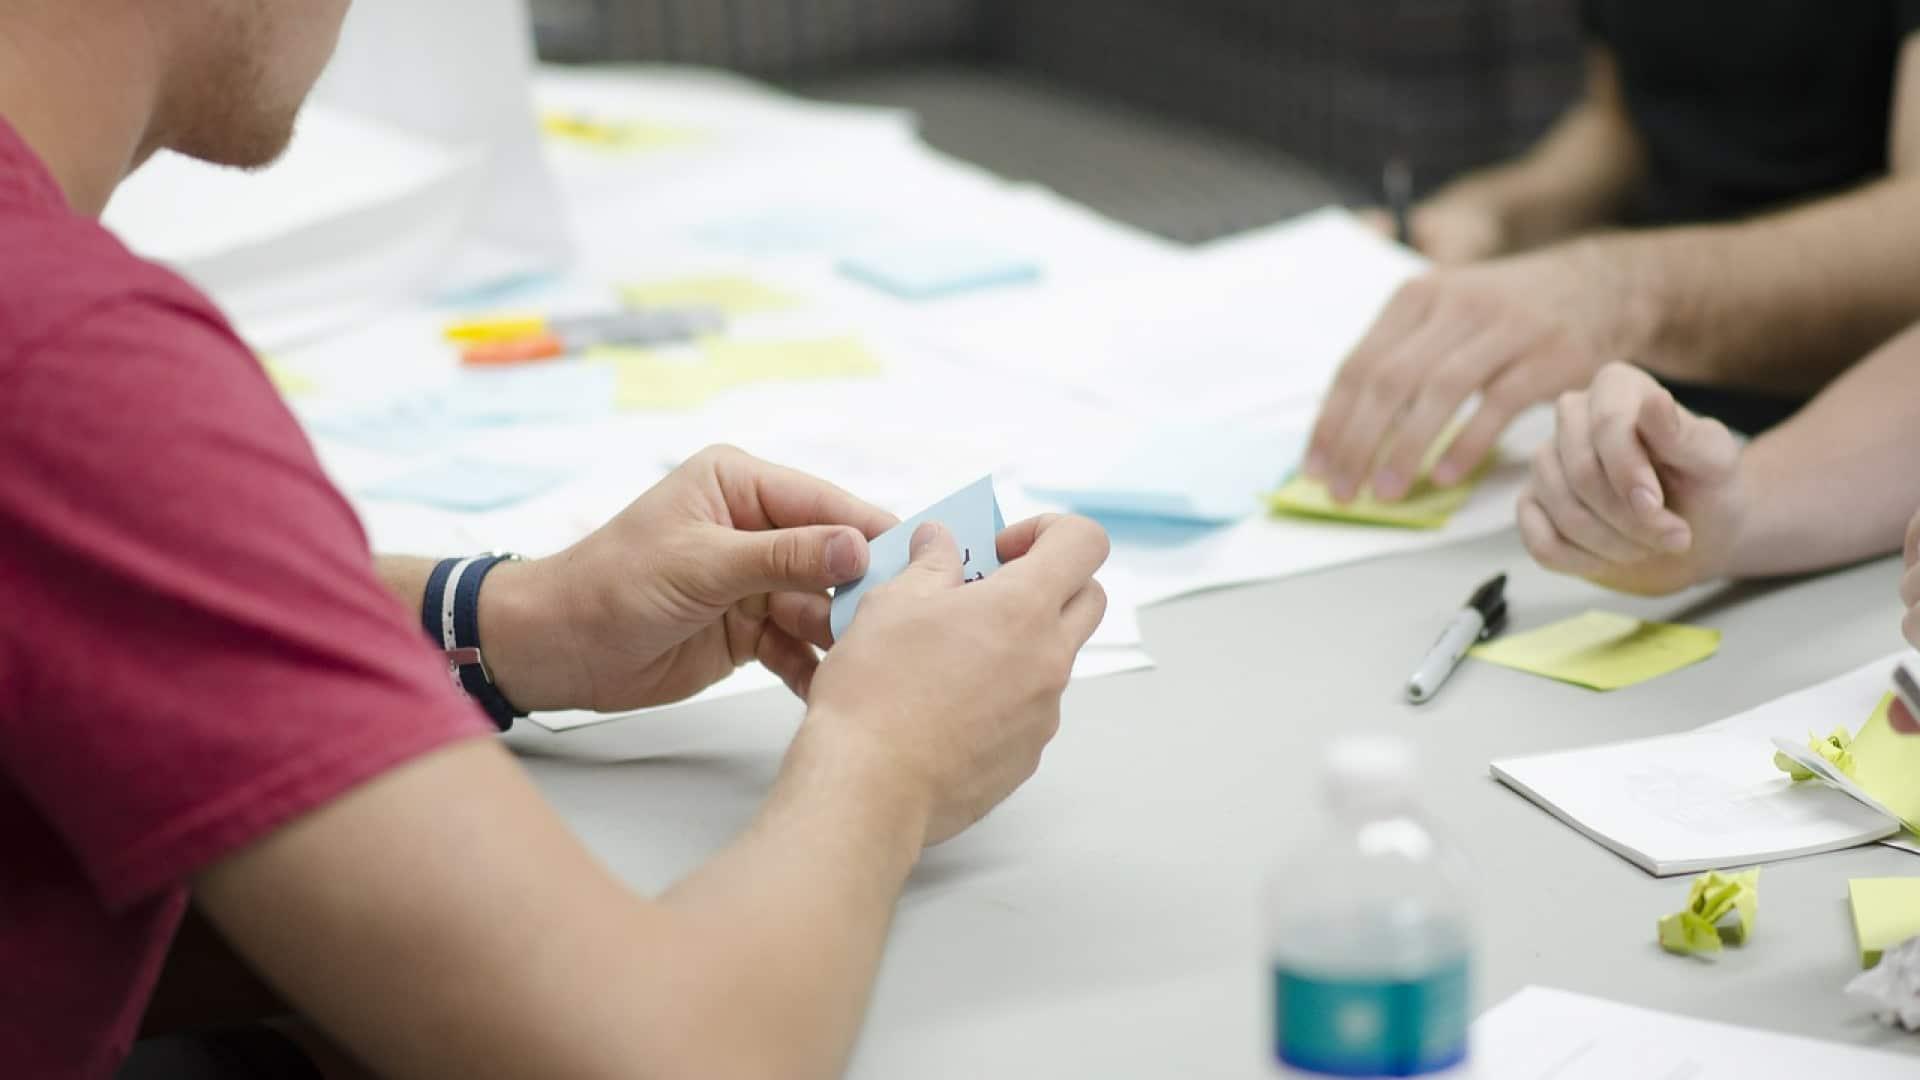 Découvrez quelques idées d'activité de team building